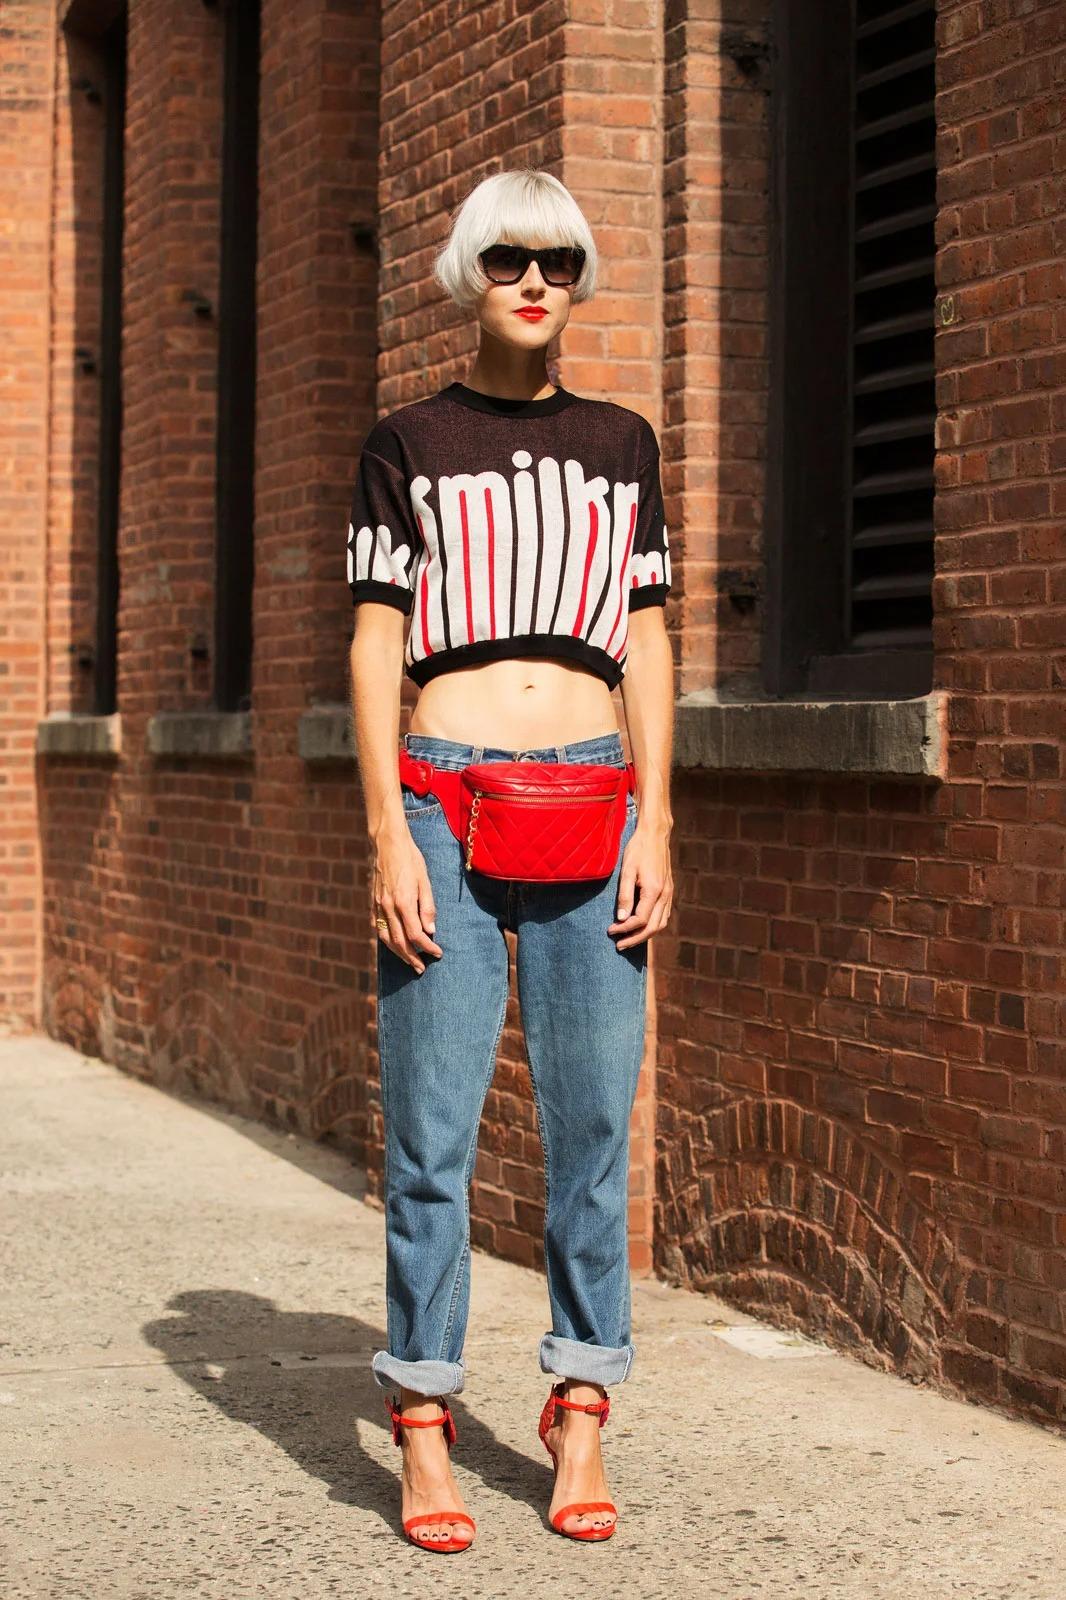 Túi đỏ đeo thắt lưng, quần jeans boyfriend và áo croptop đen